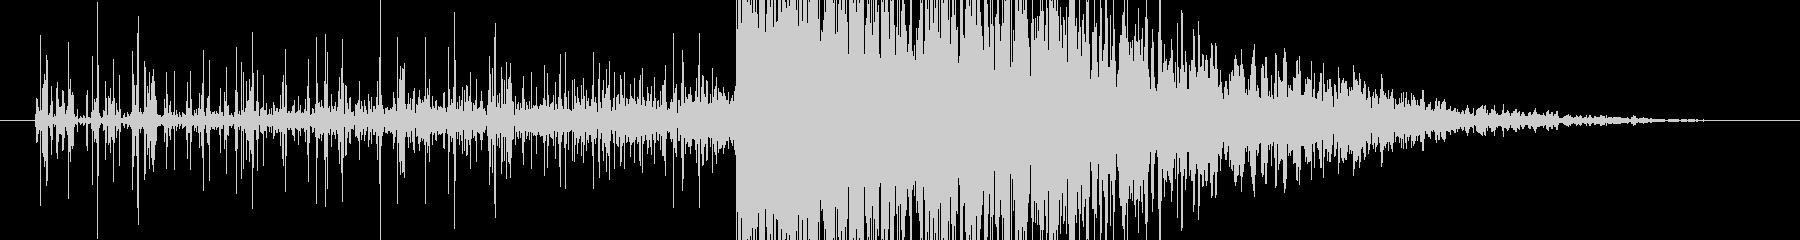 導火線 爆発の未再生の波形